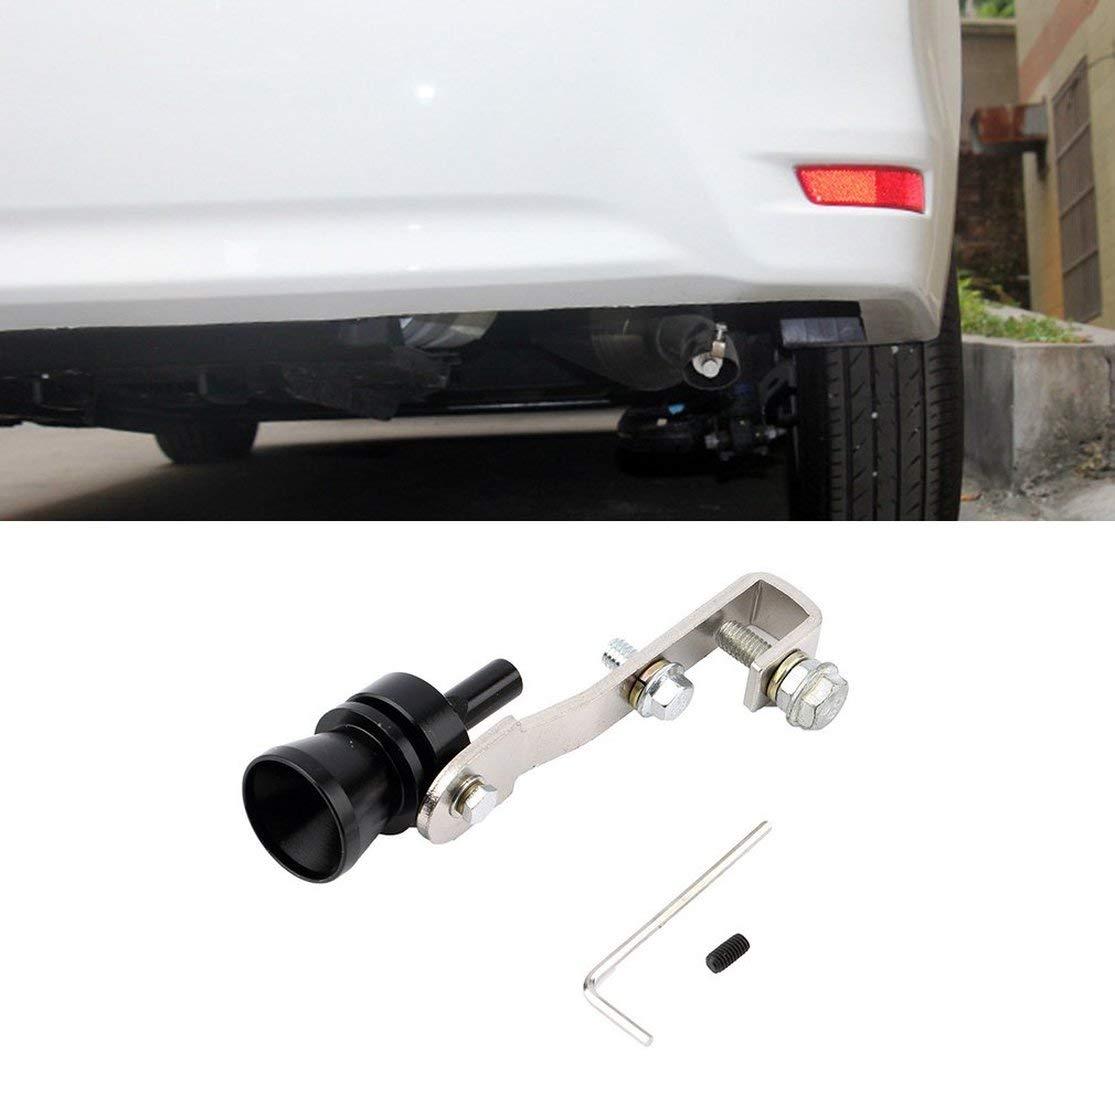 Color:Silver Kaemma Alluminio Universale Auto Auto BOV Turbo Suono Fischietto Tubo Suono simulatore Tubo Tubo di Scarico marmitta Tubo